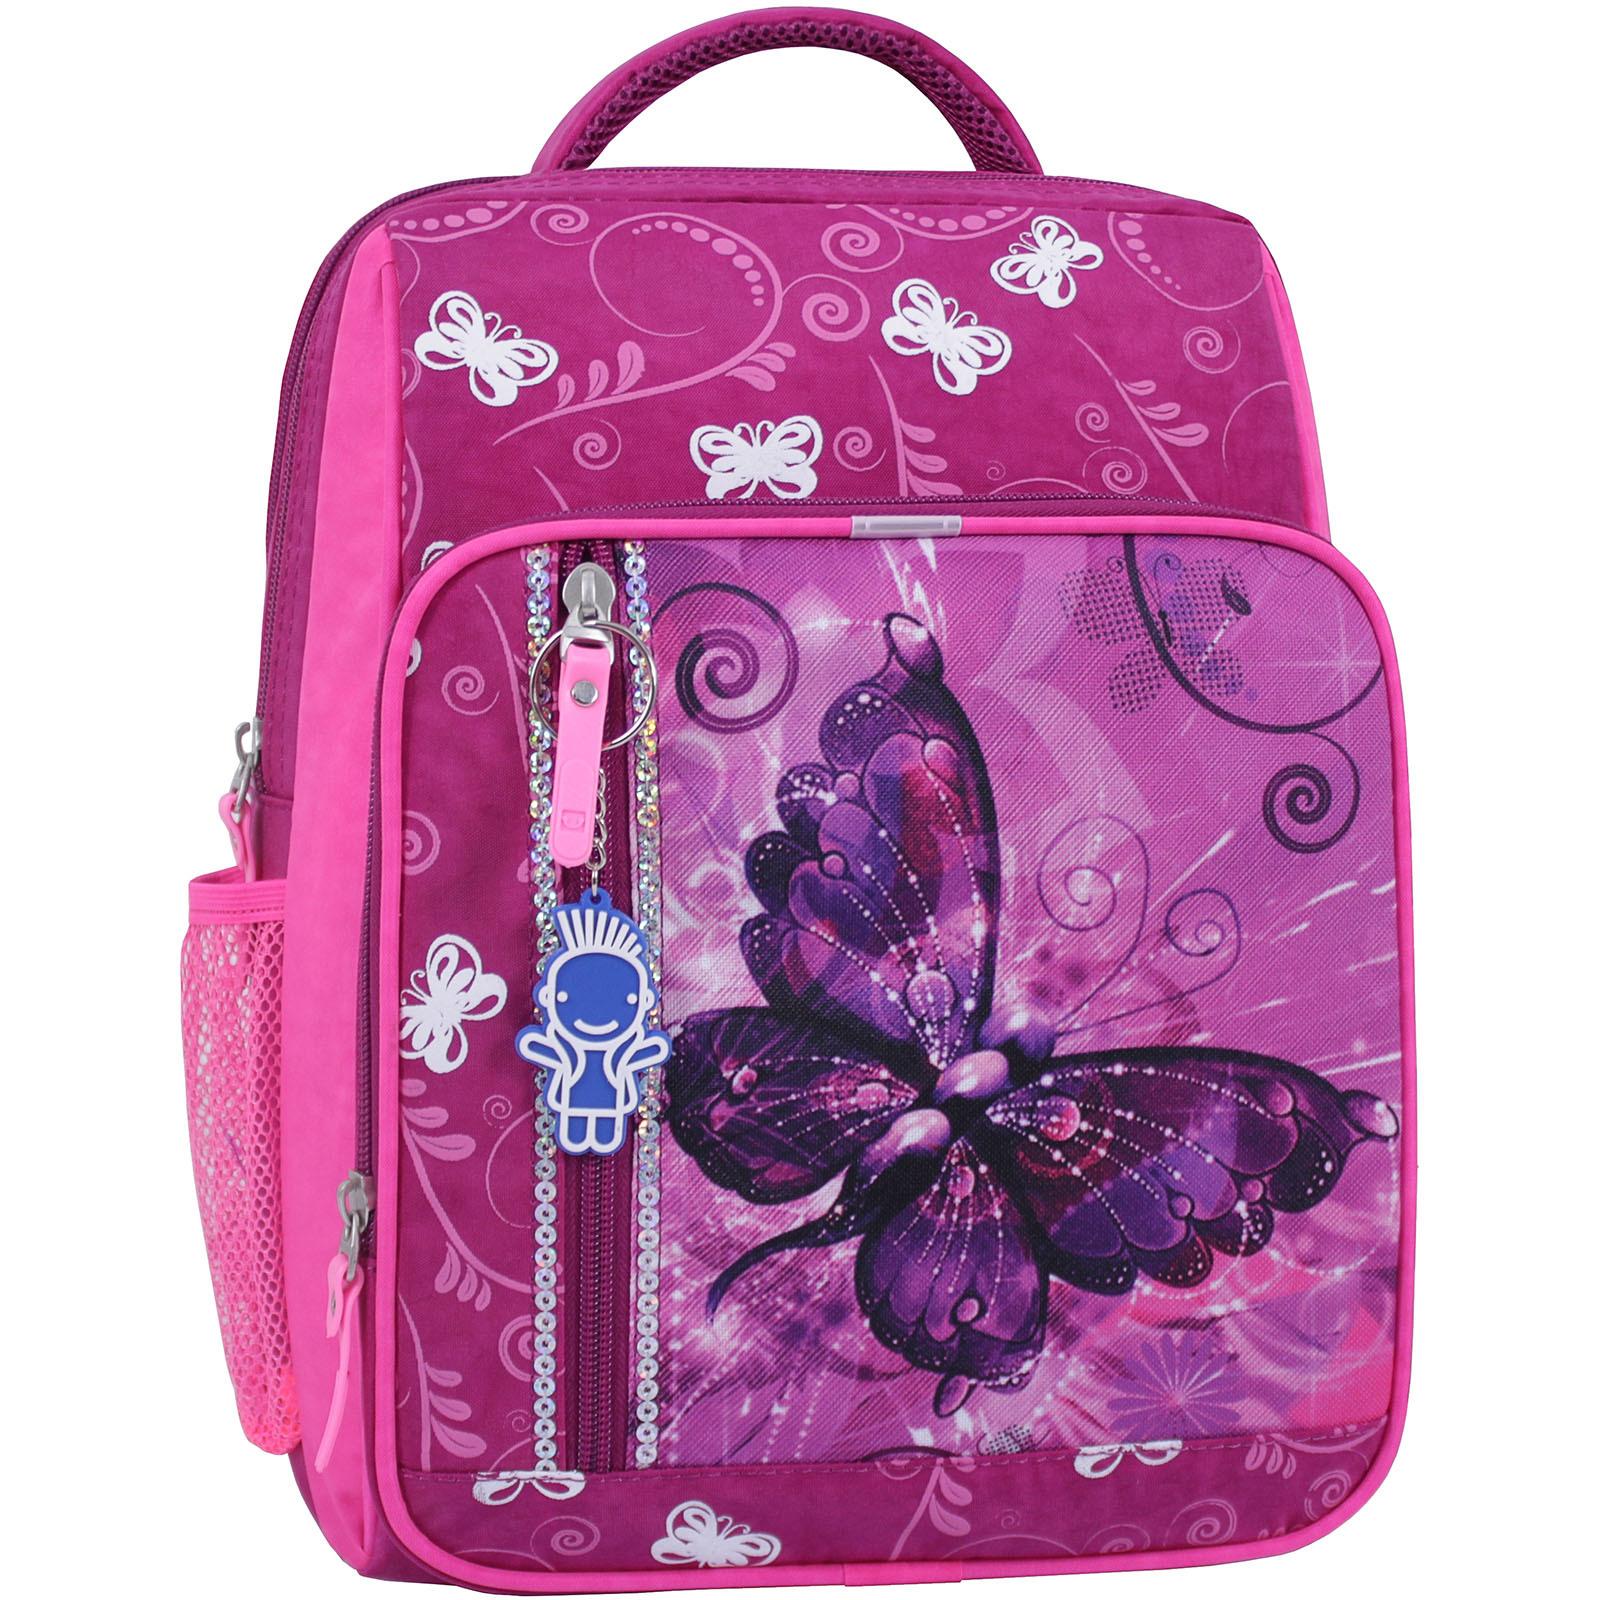 Рюкзак школьный Bagland Школьник 8 л. 143 малина 615 (00112702) фото 1